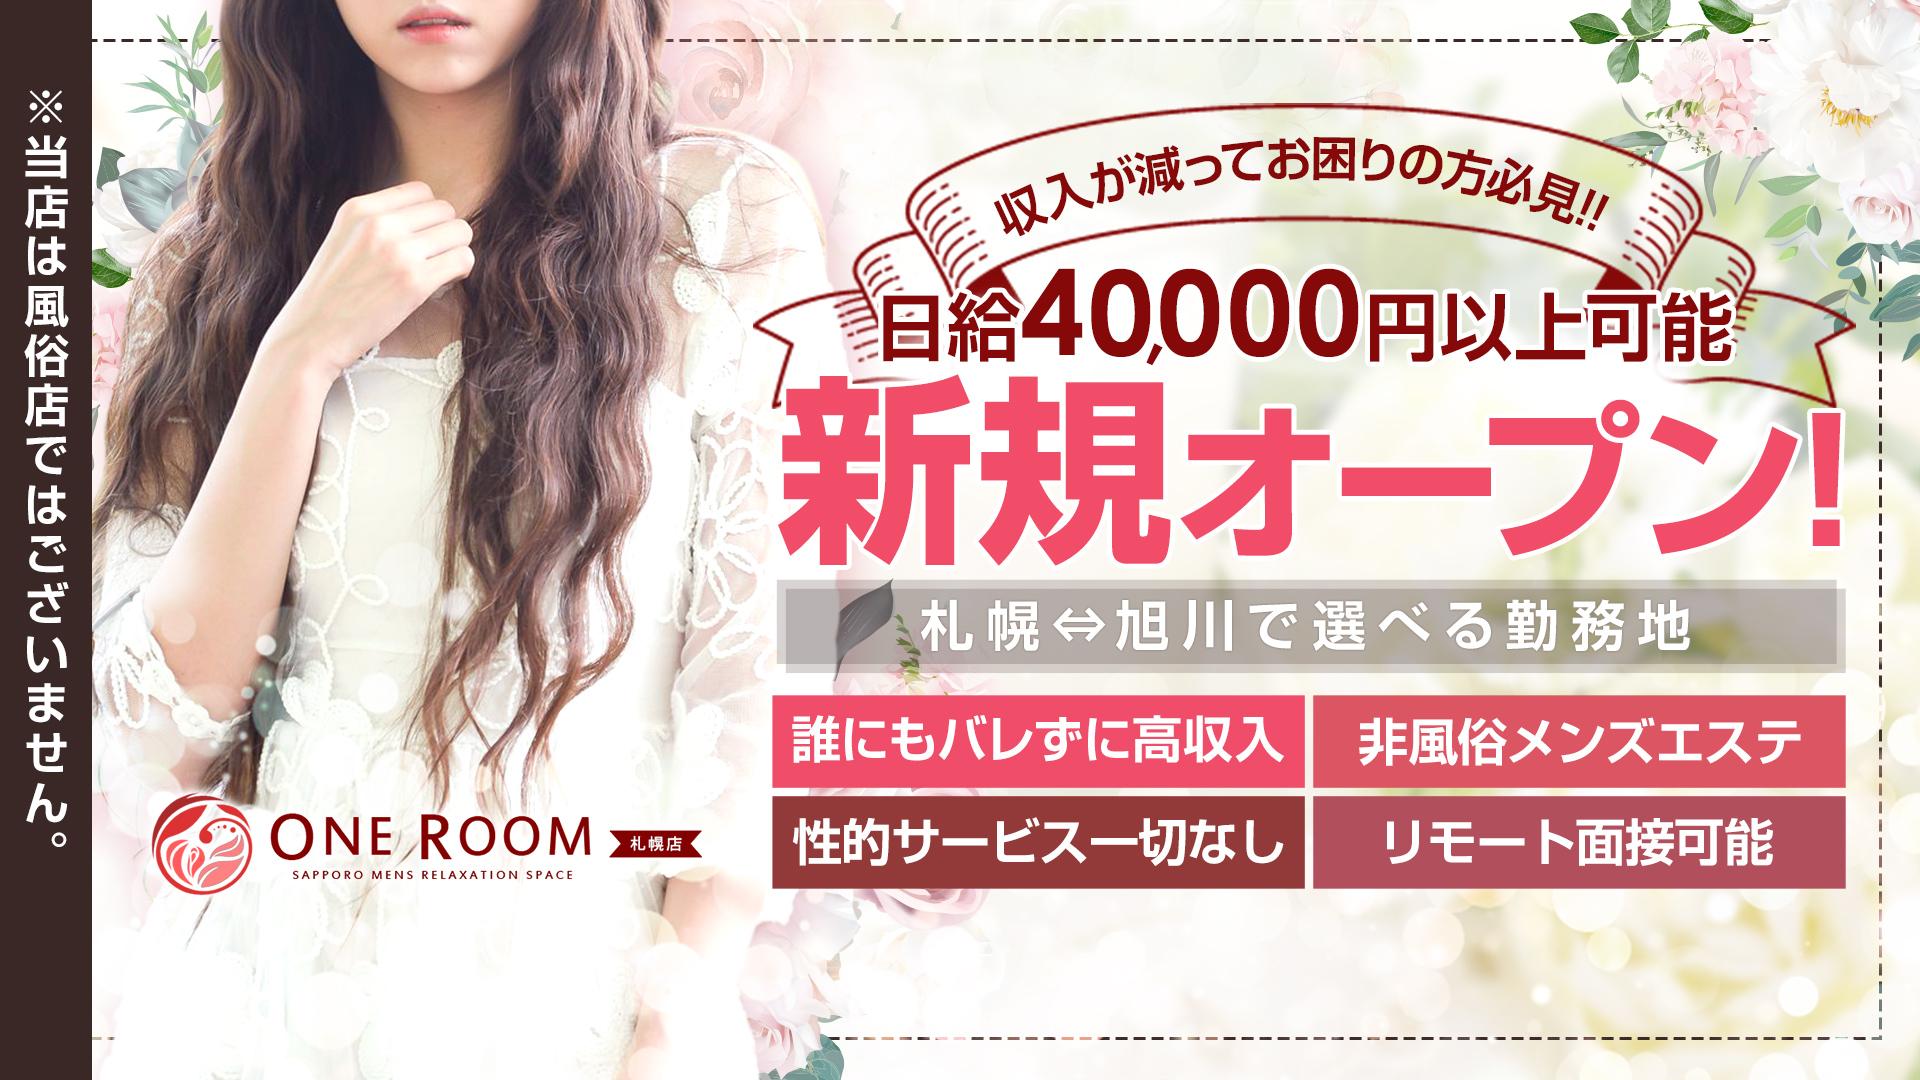 ONE ROOM 札幌店の求人画像